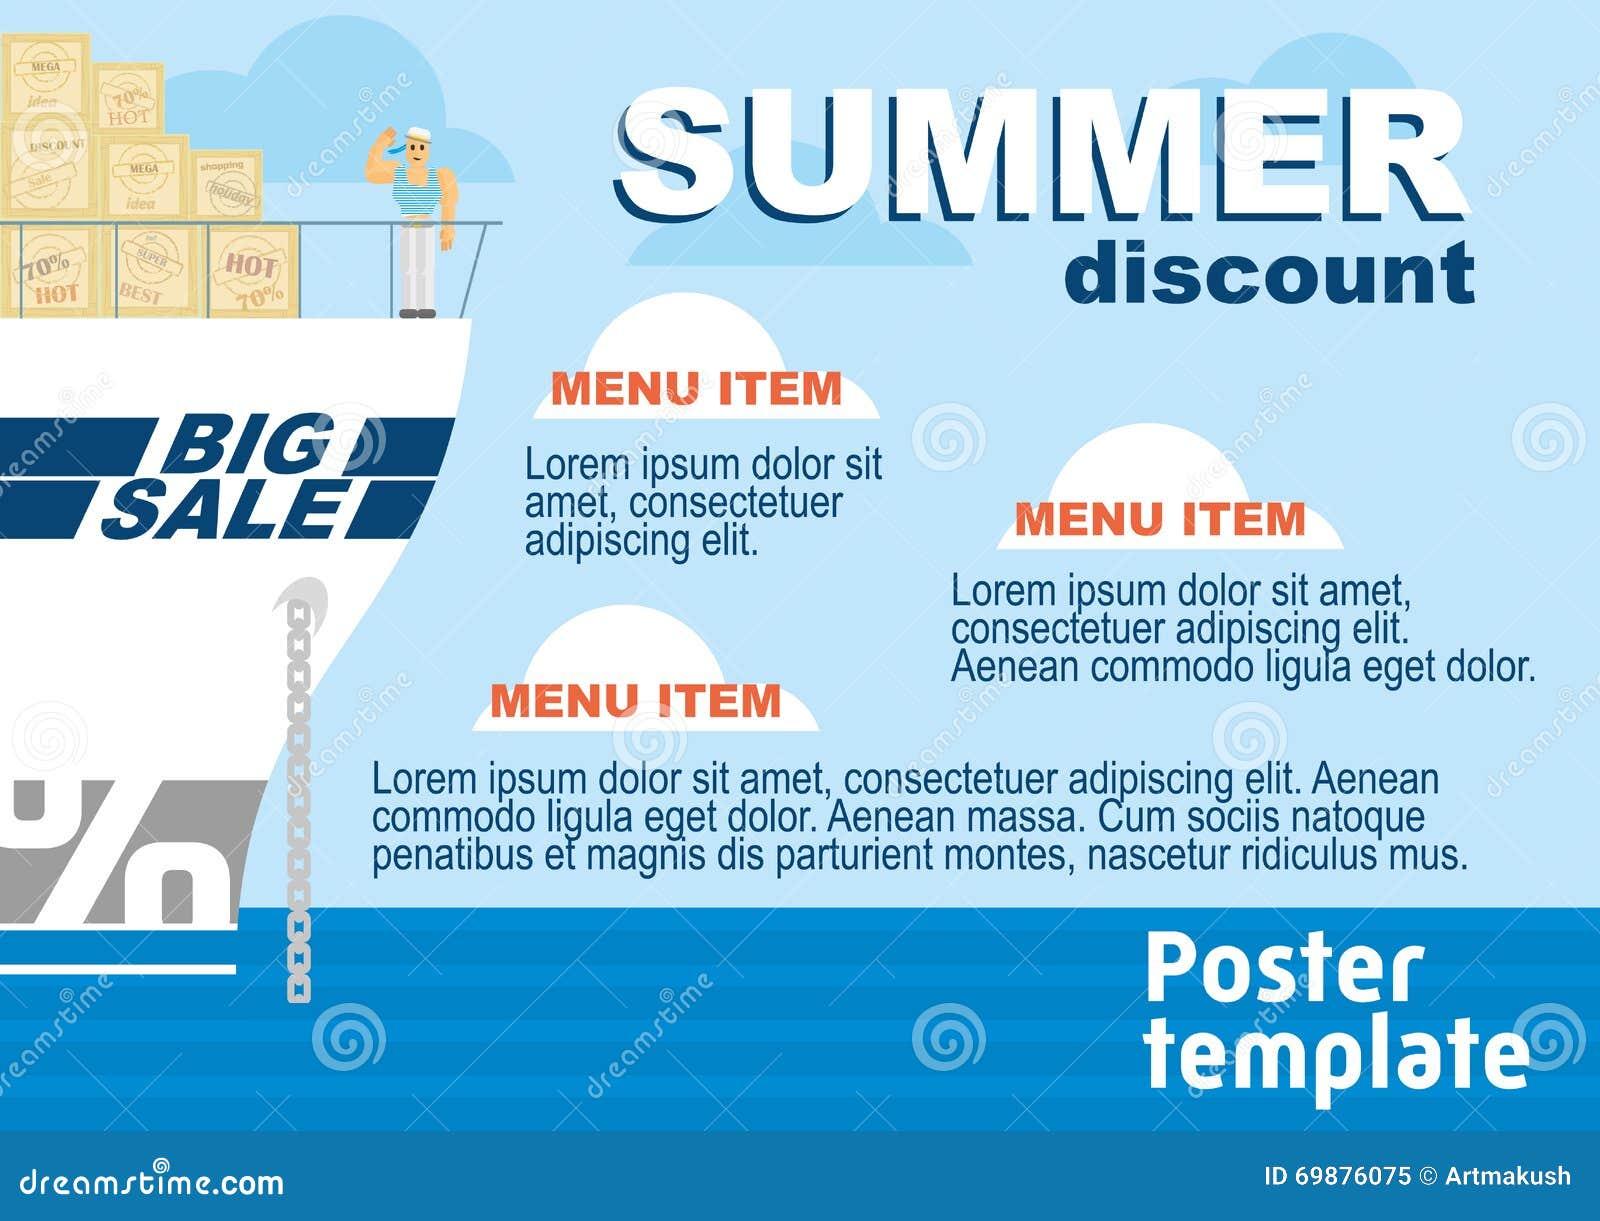 doc flyer design update flyer design  flyer template or brochure design illustration flyer design garage